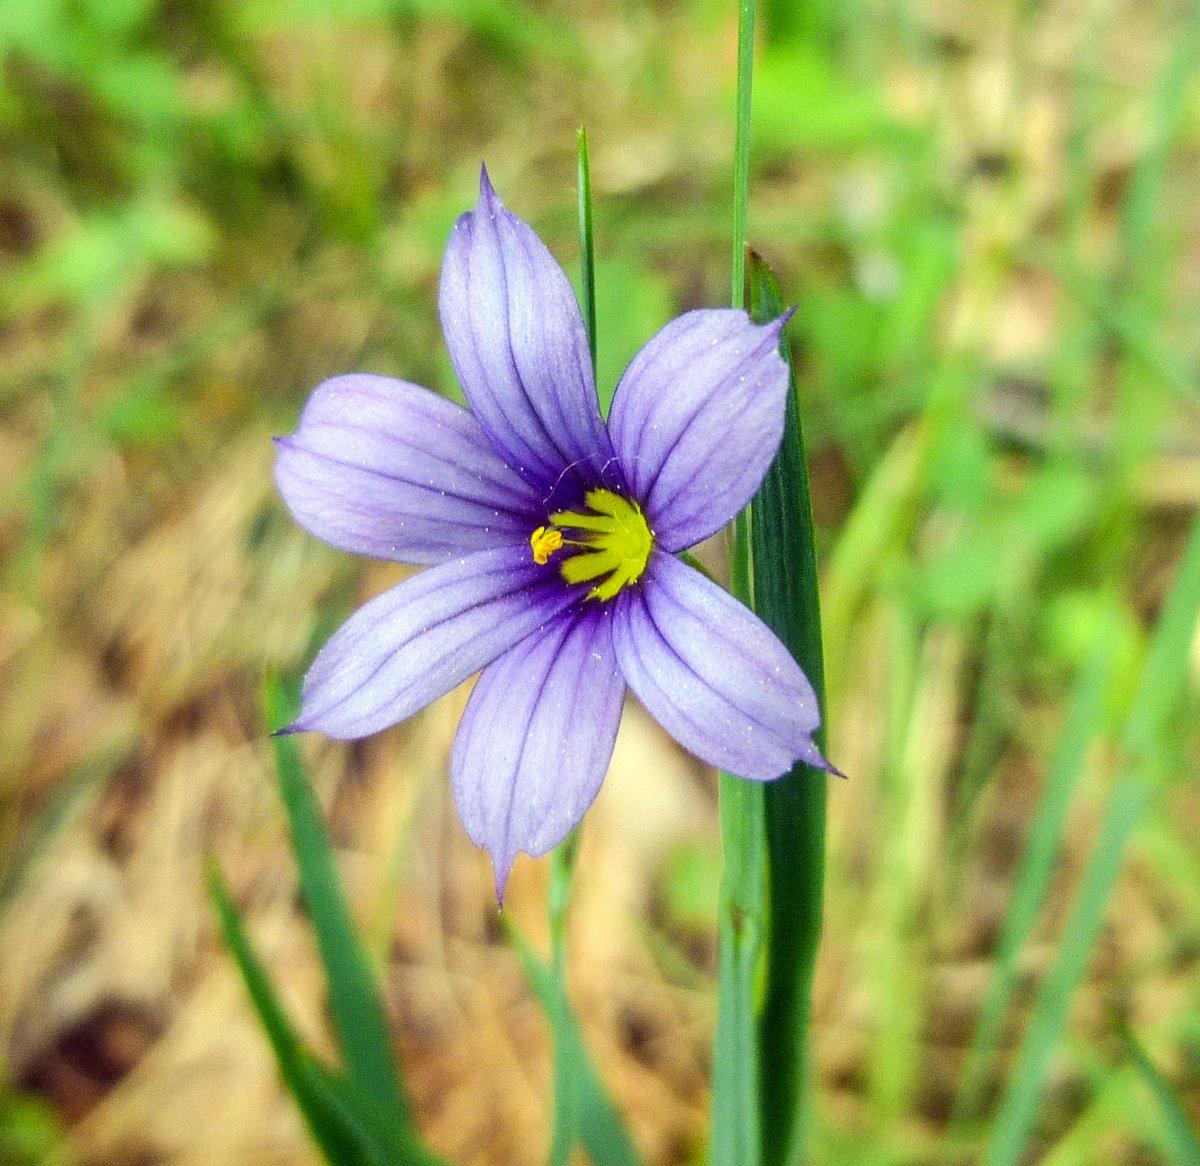 8. Blue Eyed Grass